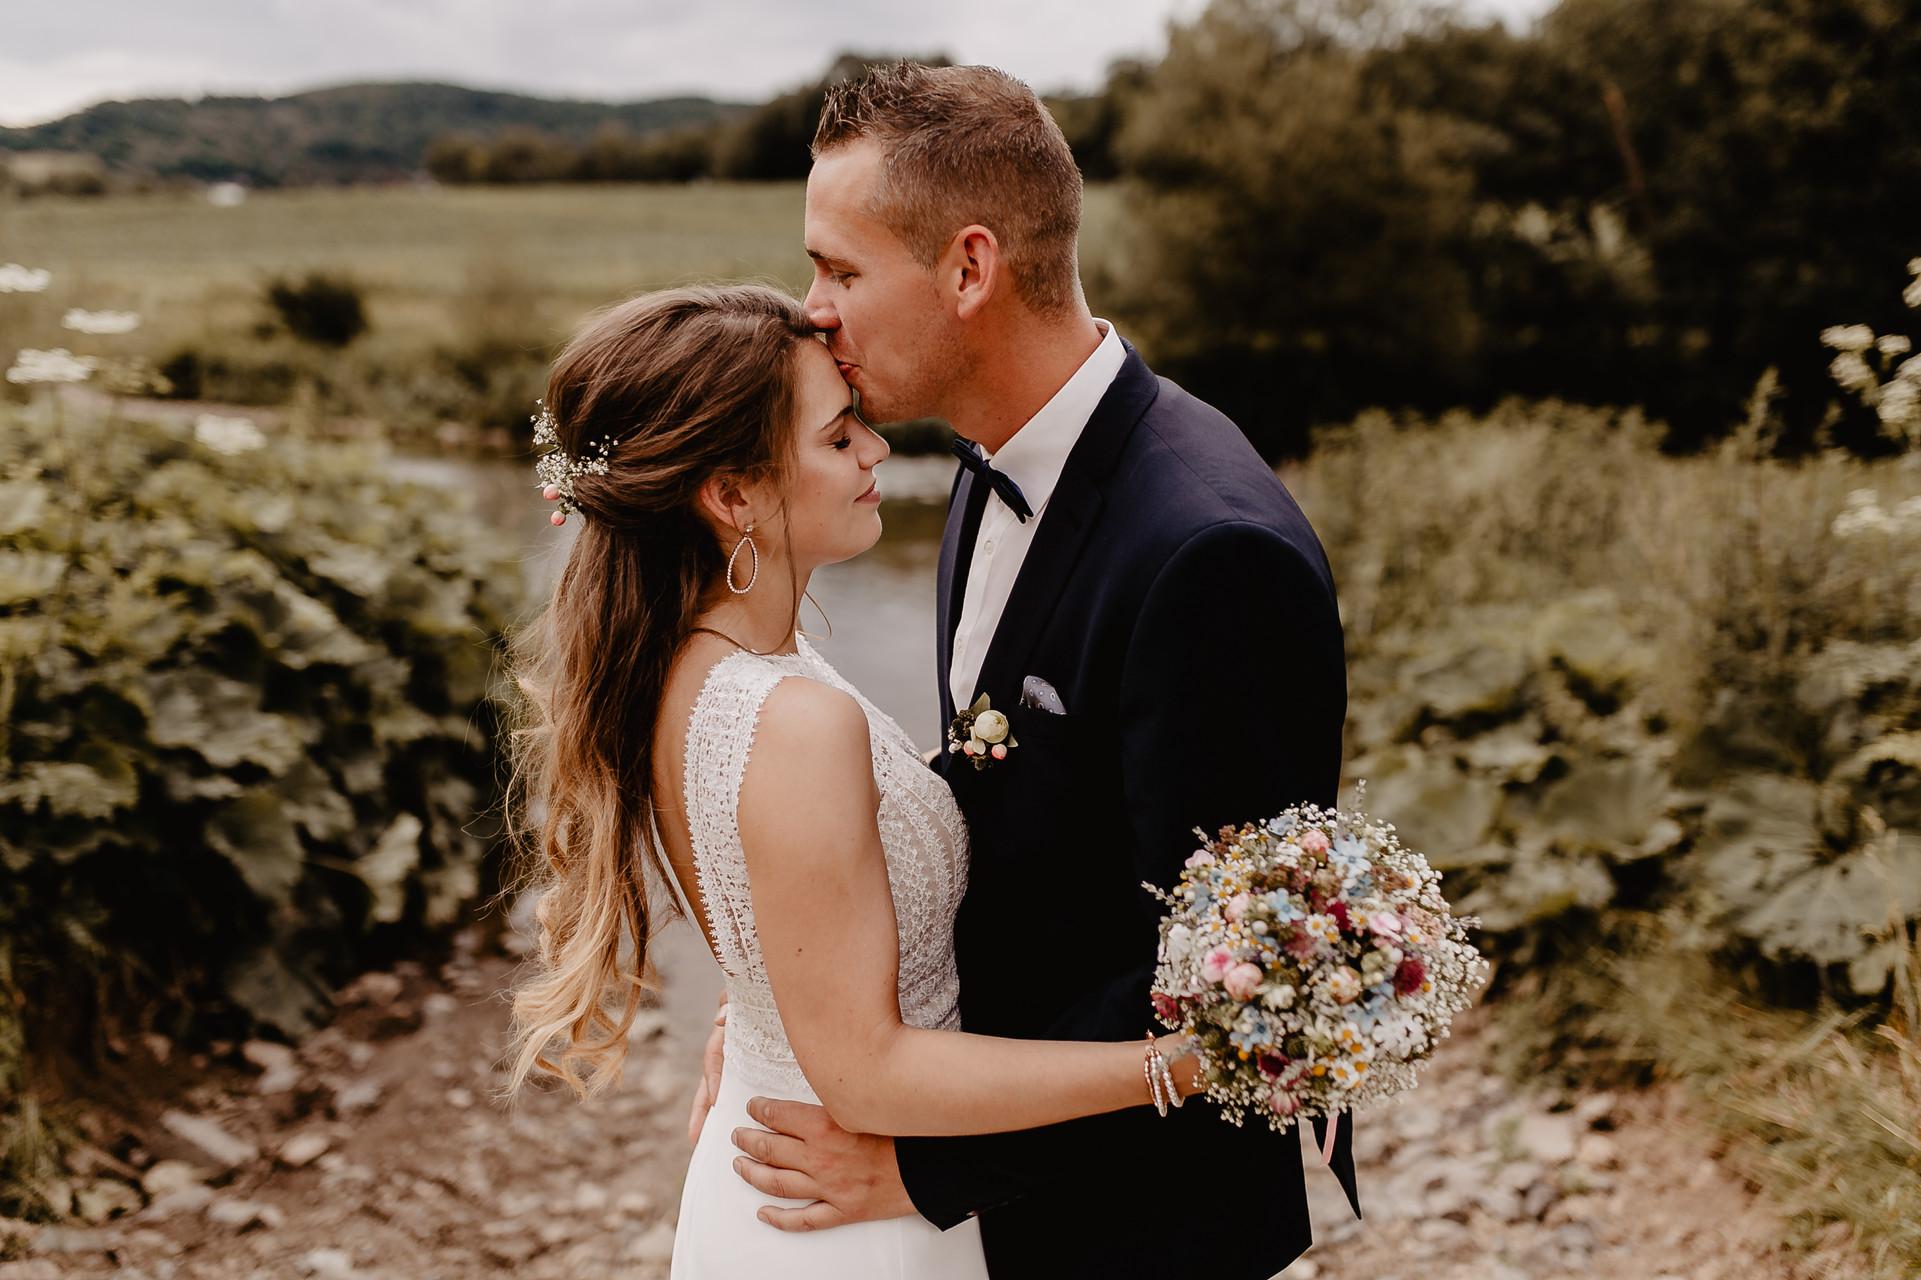 Hochzeit_Insul_Keulers_Lichtliebe_38.JPG